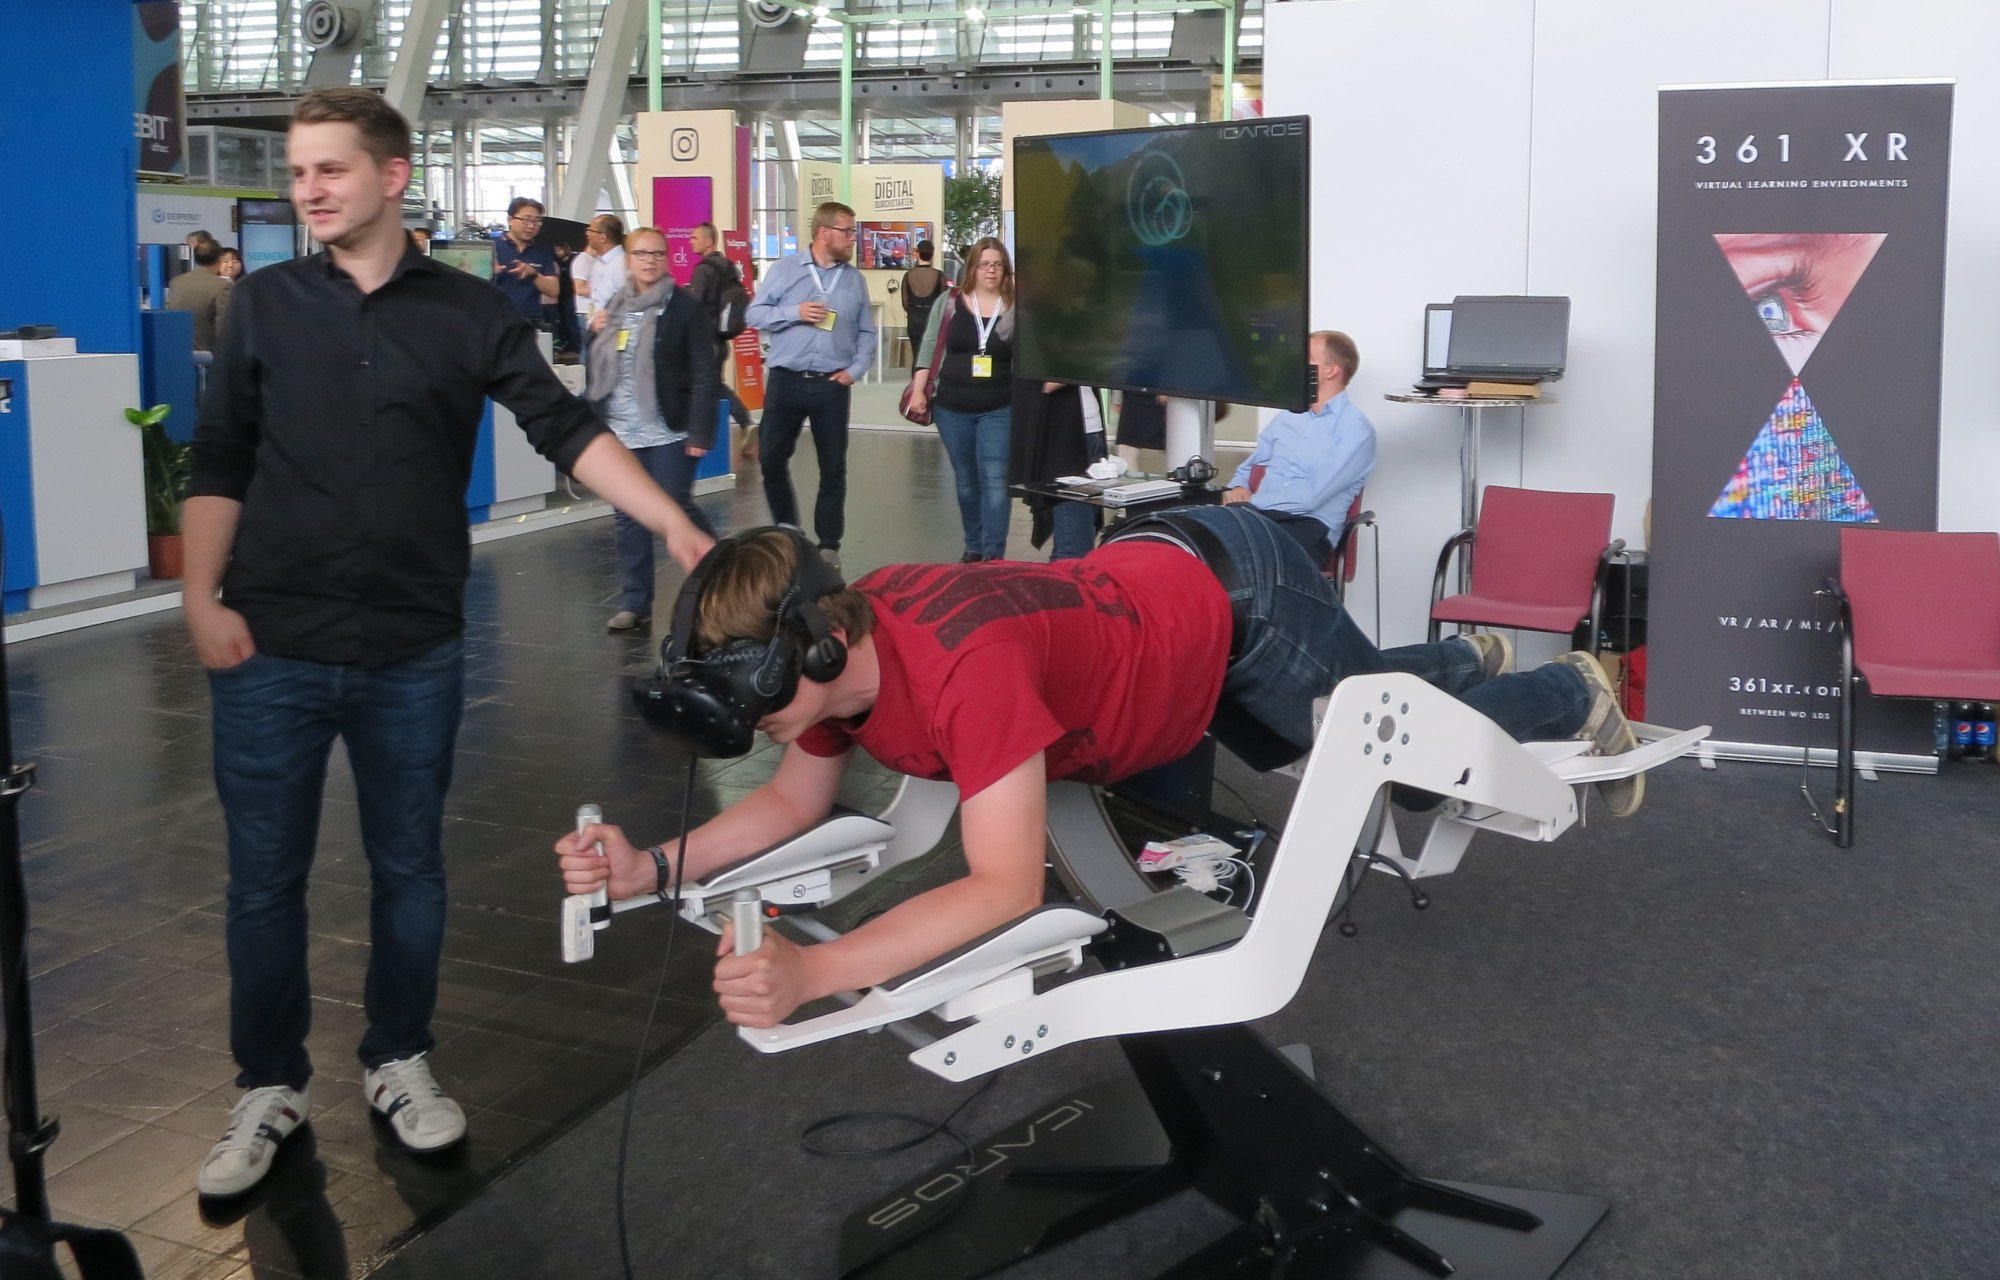 Superman-Feeling und Fitnessgerät in einem: Mit Bewegungen des eigenen Körpers durch VR-Welten steuern (Bild: Peter Giesecke)